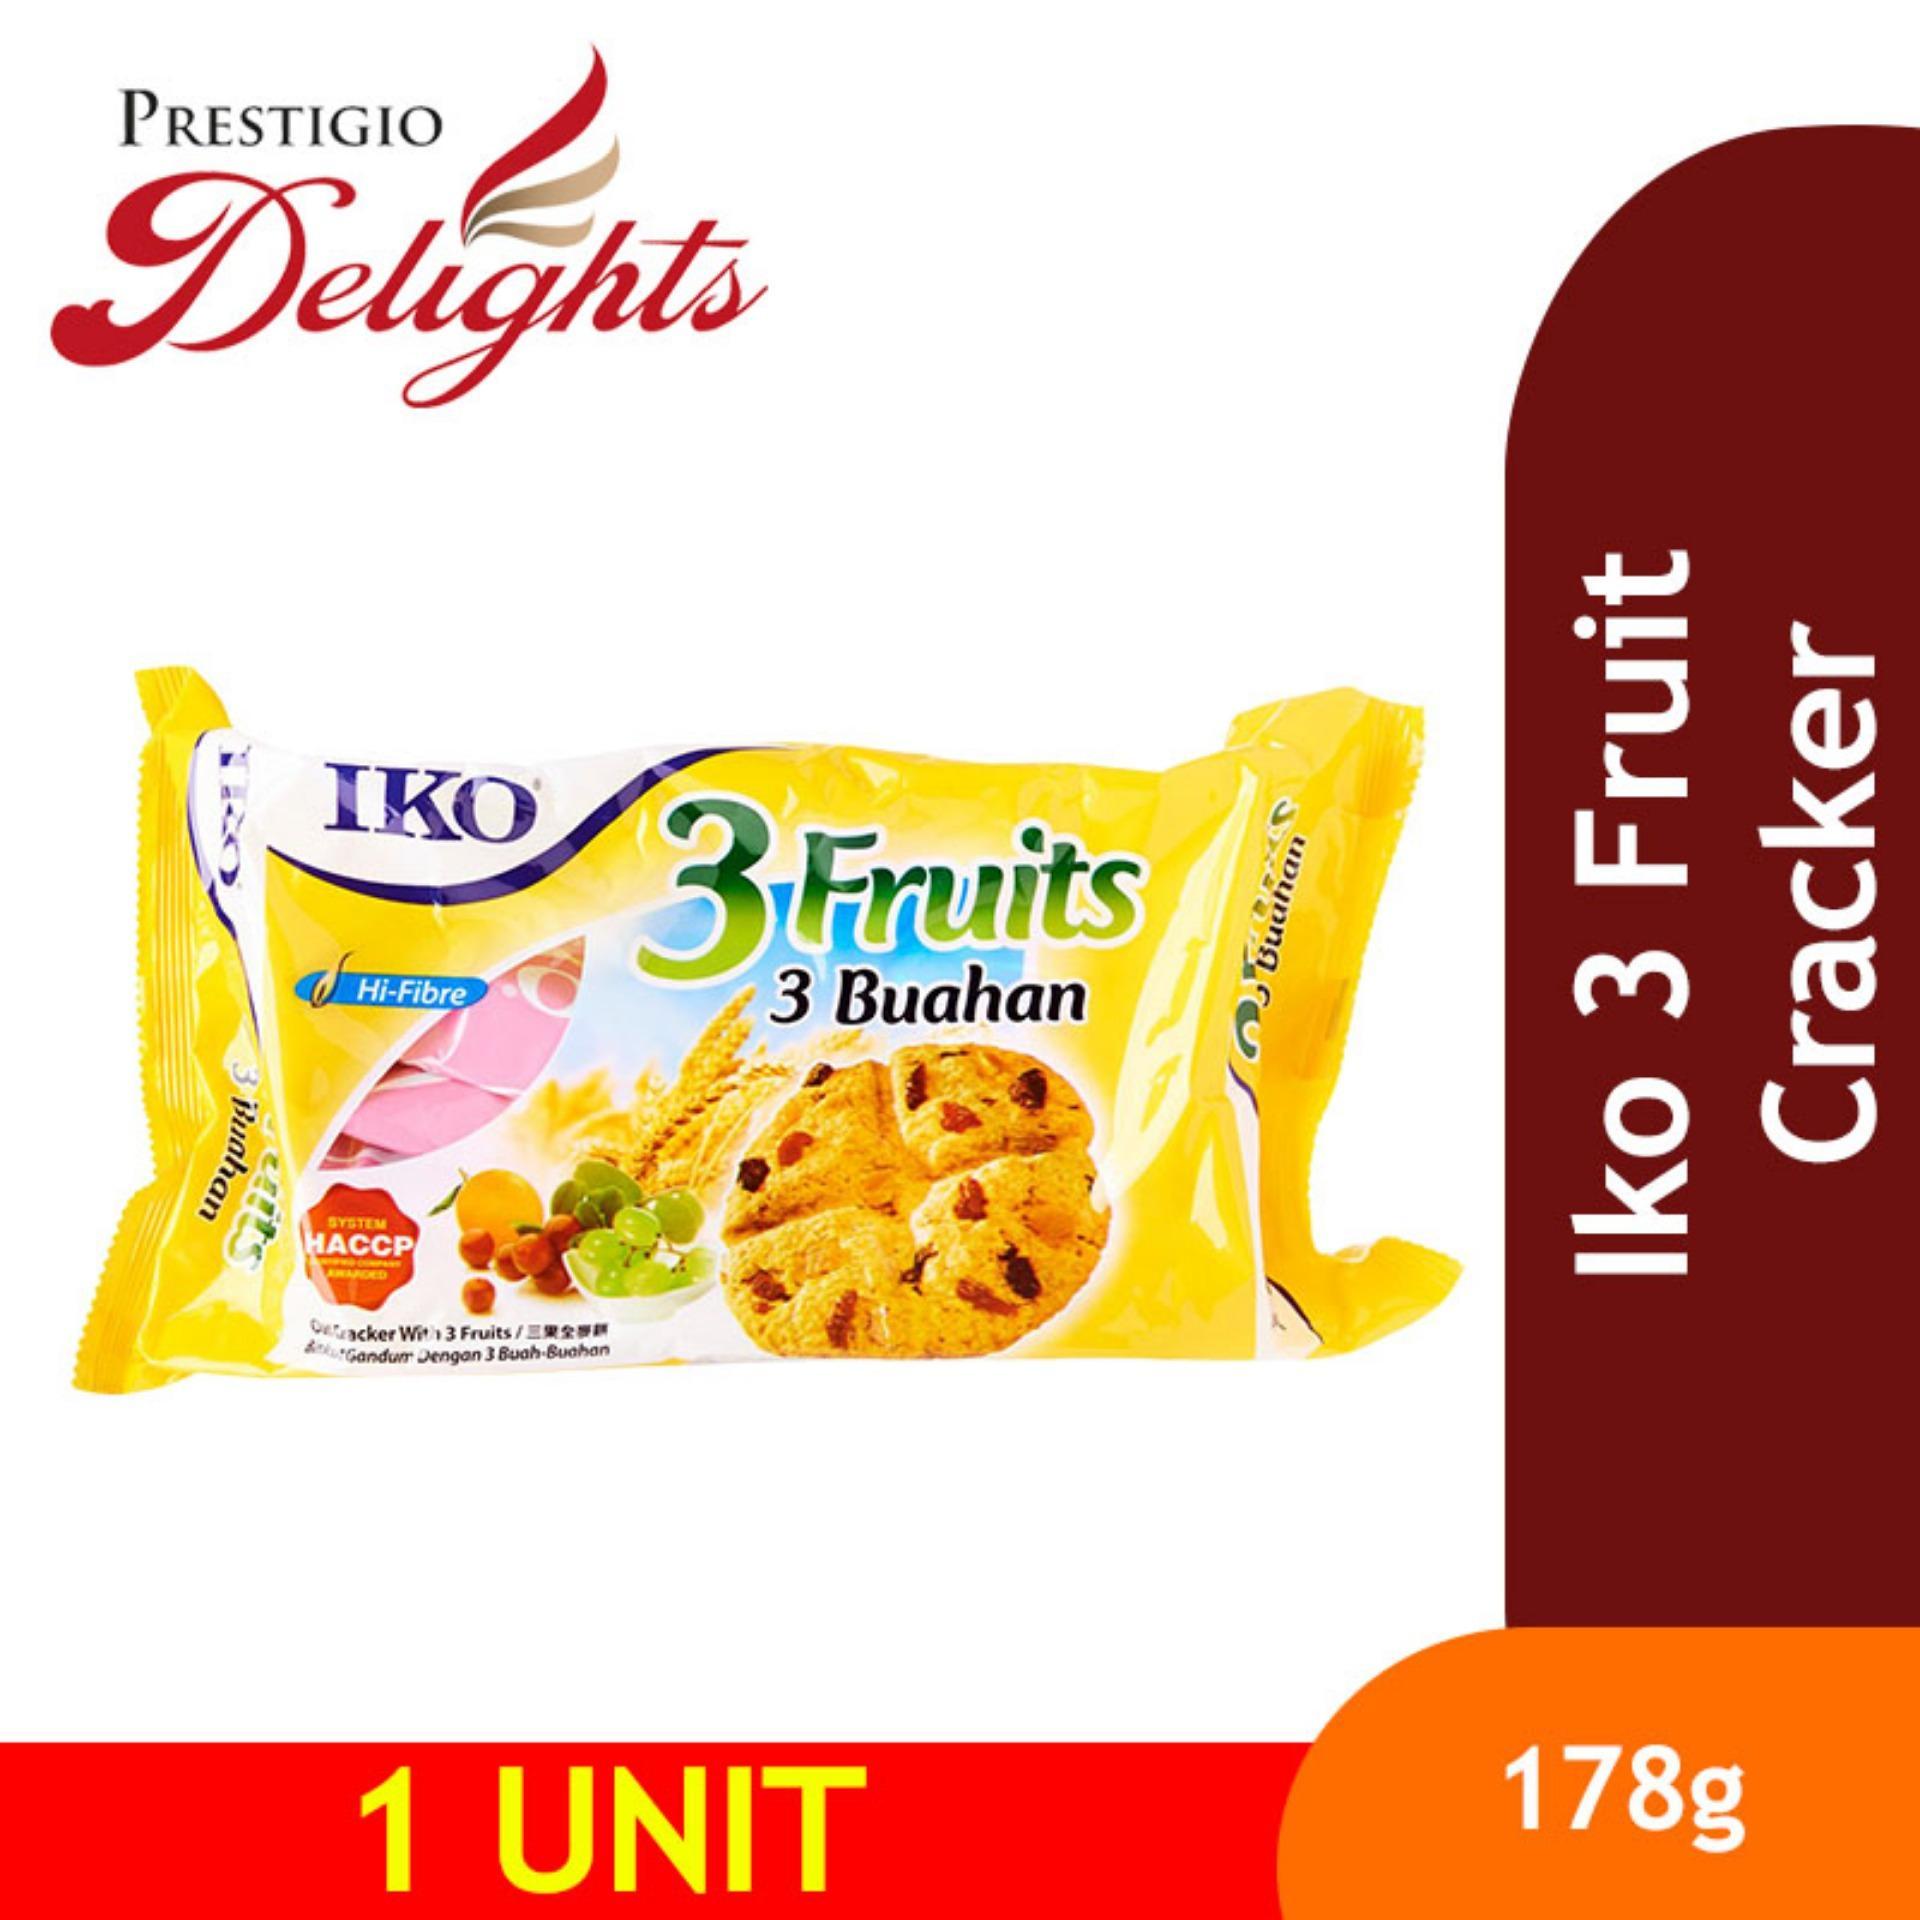 Iko 3 Fruit Cracker By Prestigio Delights.